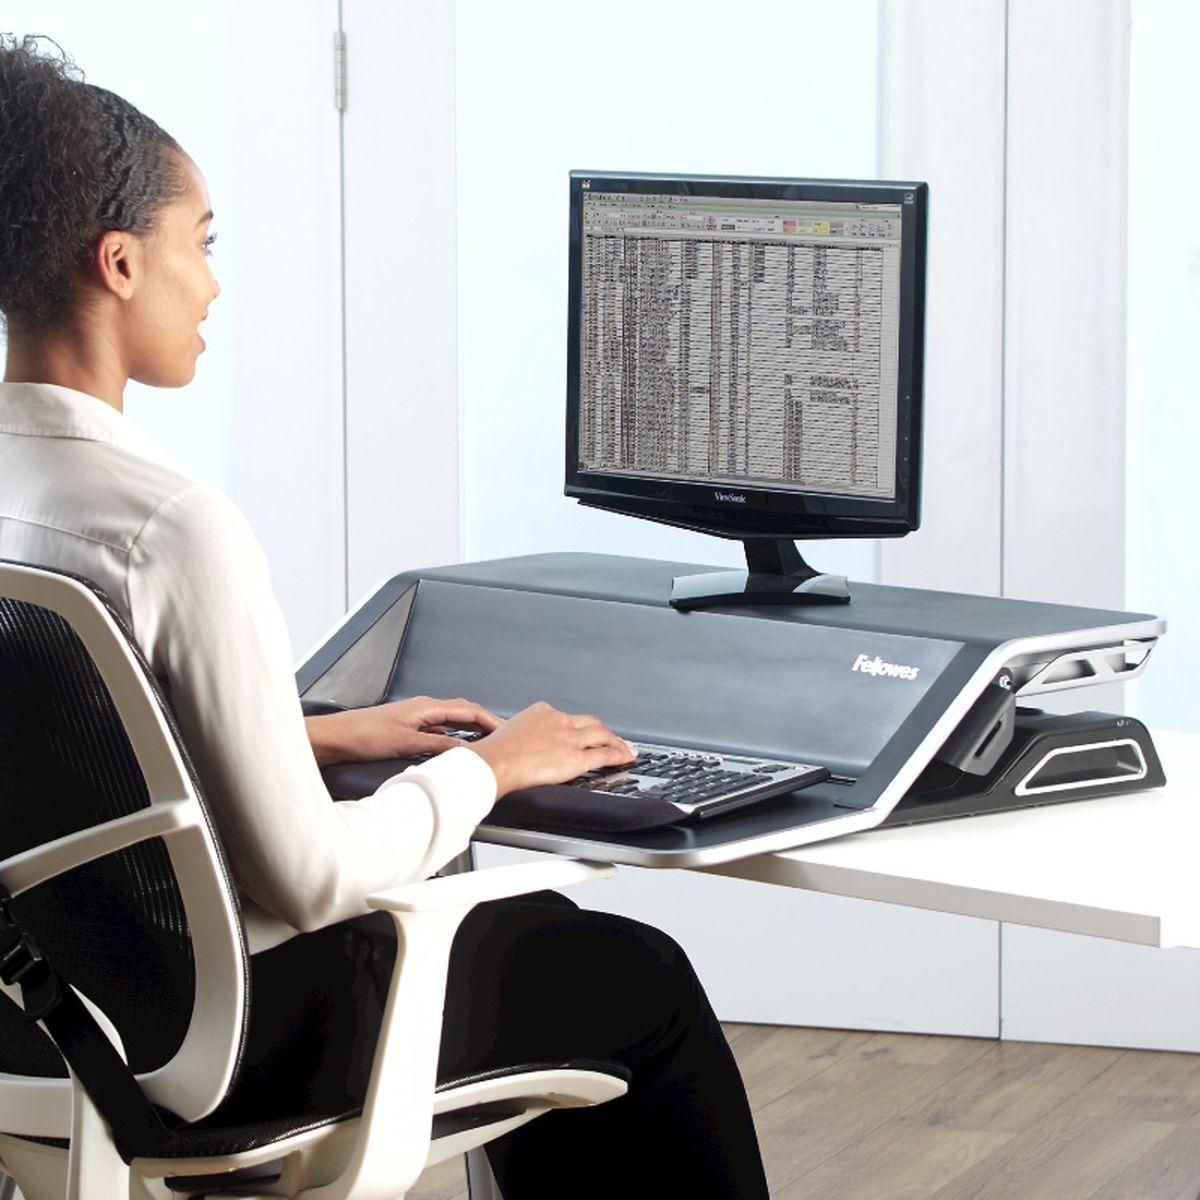 آیا واقعا نشستن طولانی مدت باعث کاهش عمر می شود؟